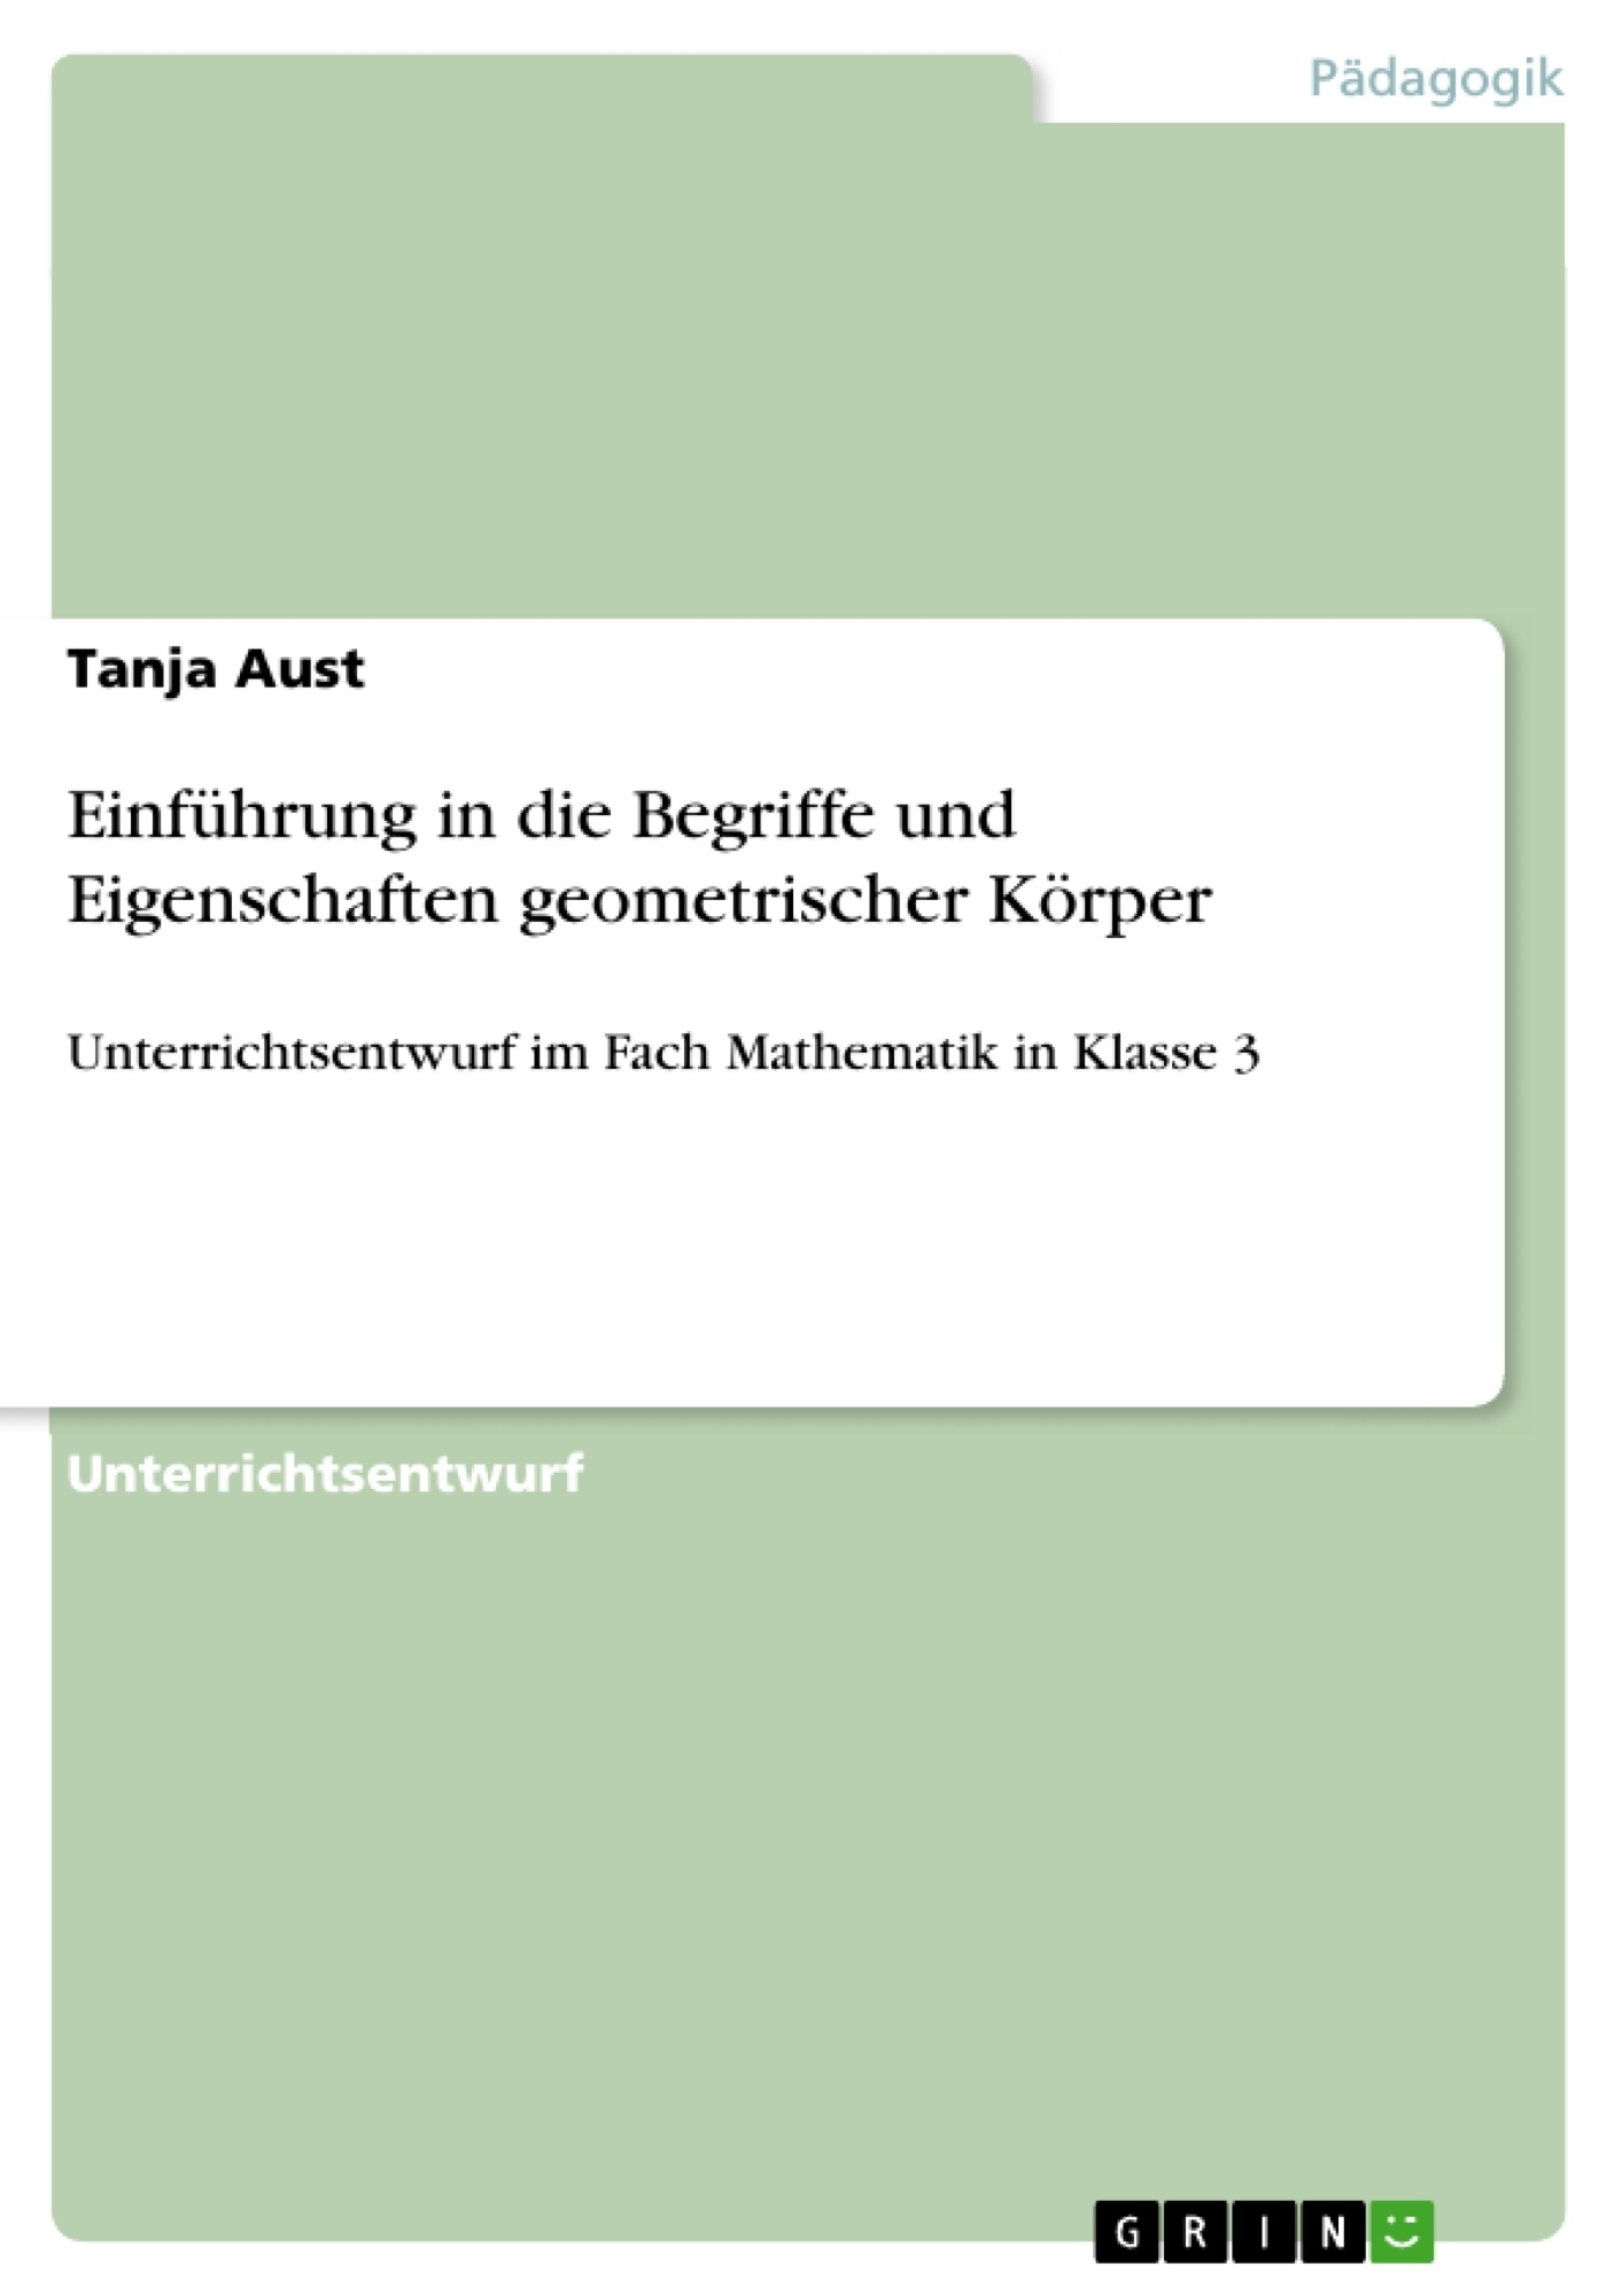 Titel: Einführung in die Begriffe und Eigenschaften geometrischer Körper